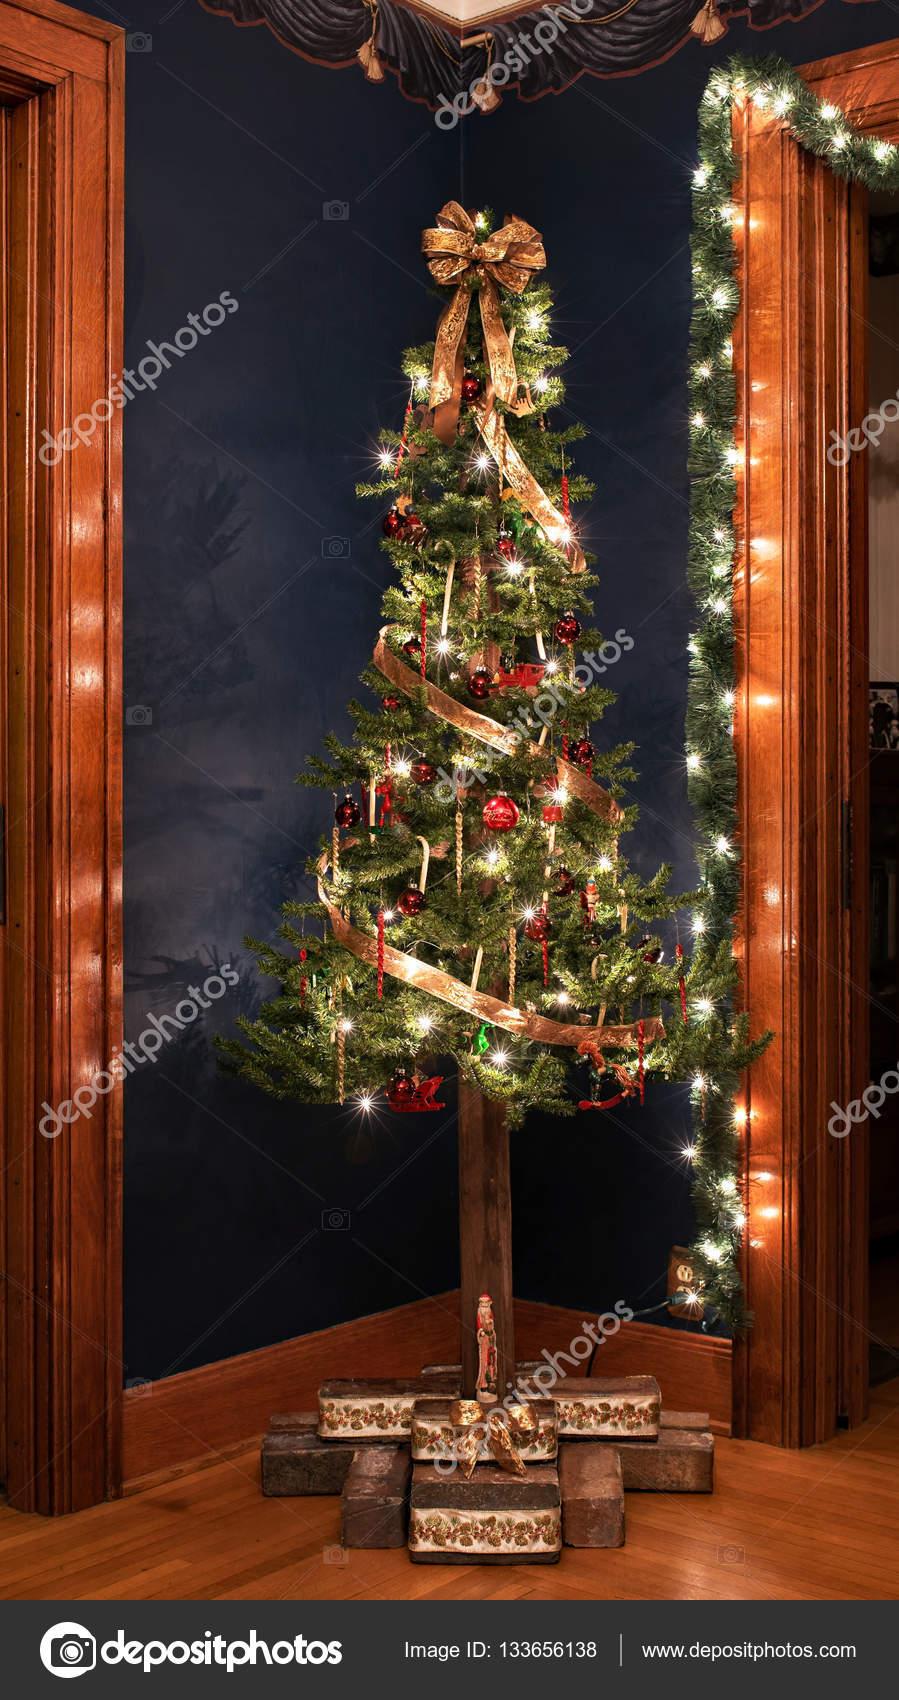 Immagini Natale Vittoriano.Albero Di Natale Vittoriano Contro La Parete Blu Navy Foto Stock